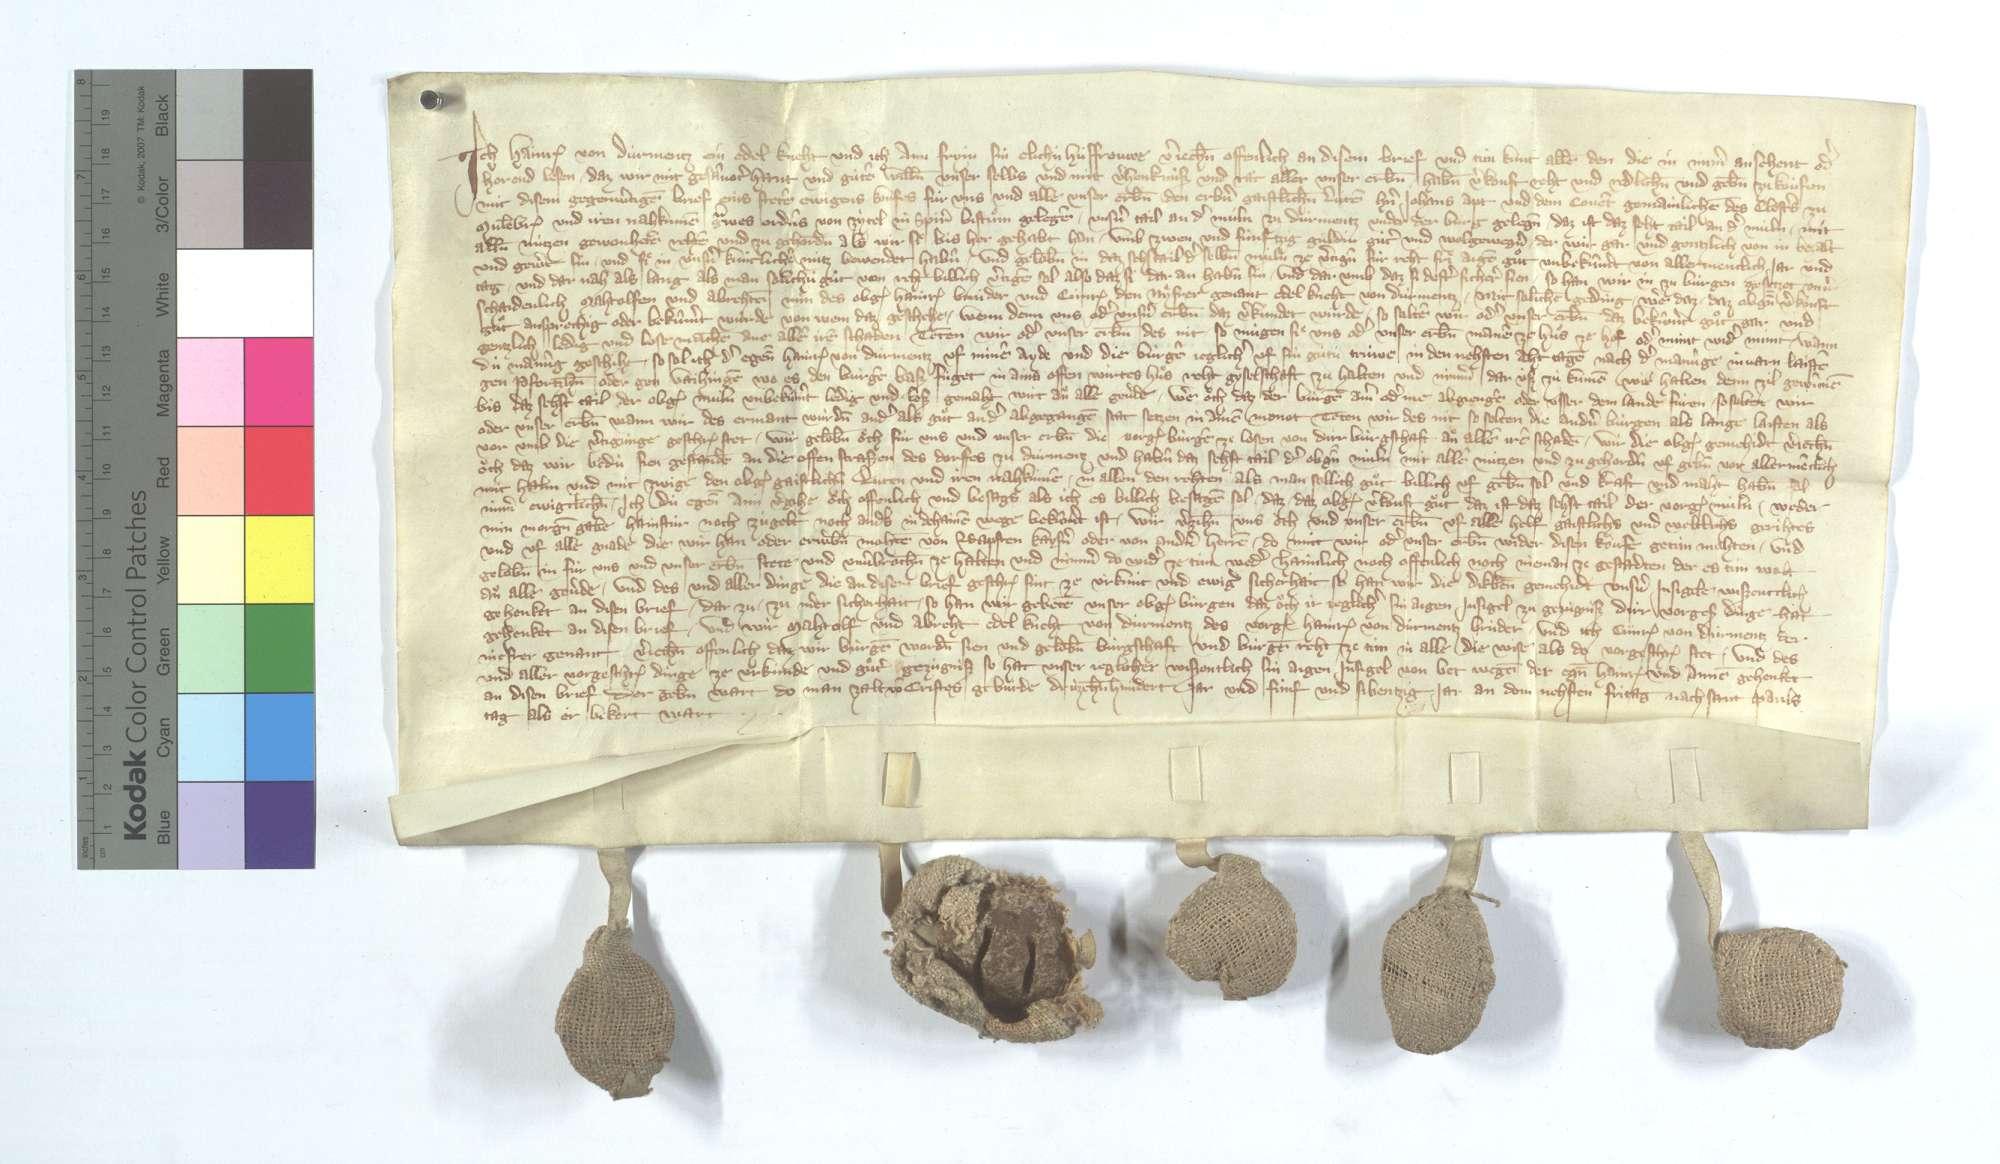 Heinrich von Dürrmenz verkauft dem Kloster Maulbronn 1/6 an der Mühle und Burg in Dürrmenz., Text